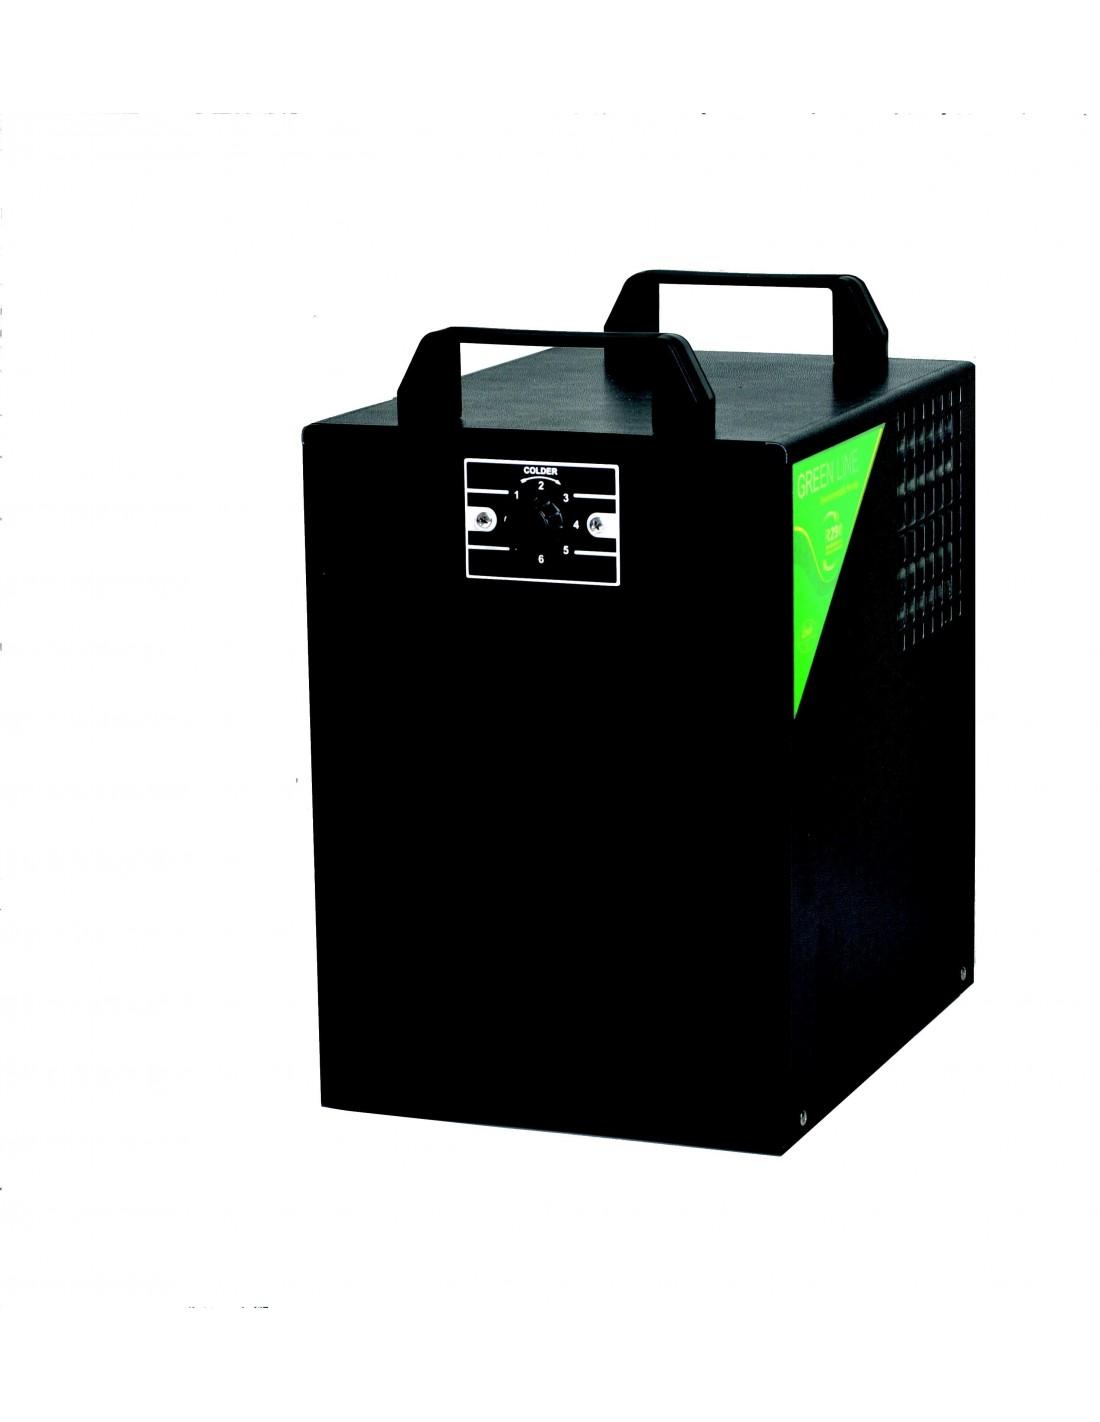 """SOD02074 - Kolsyrat vatten - Lindr Soda Pygmy 25 """"Green Line"""""""